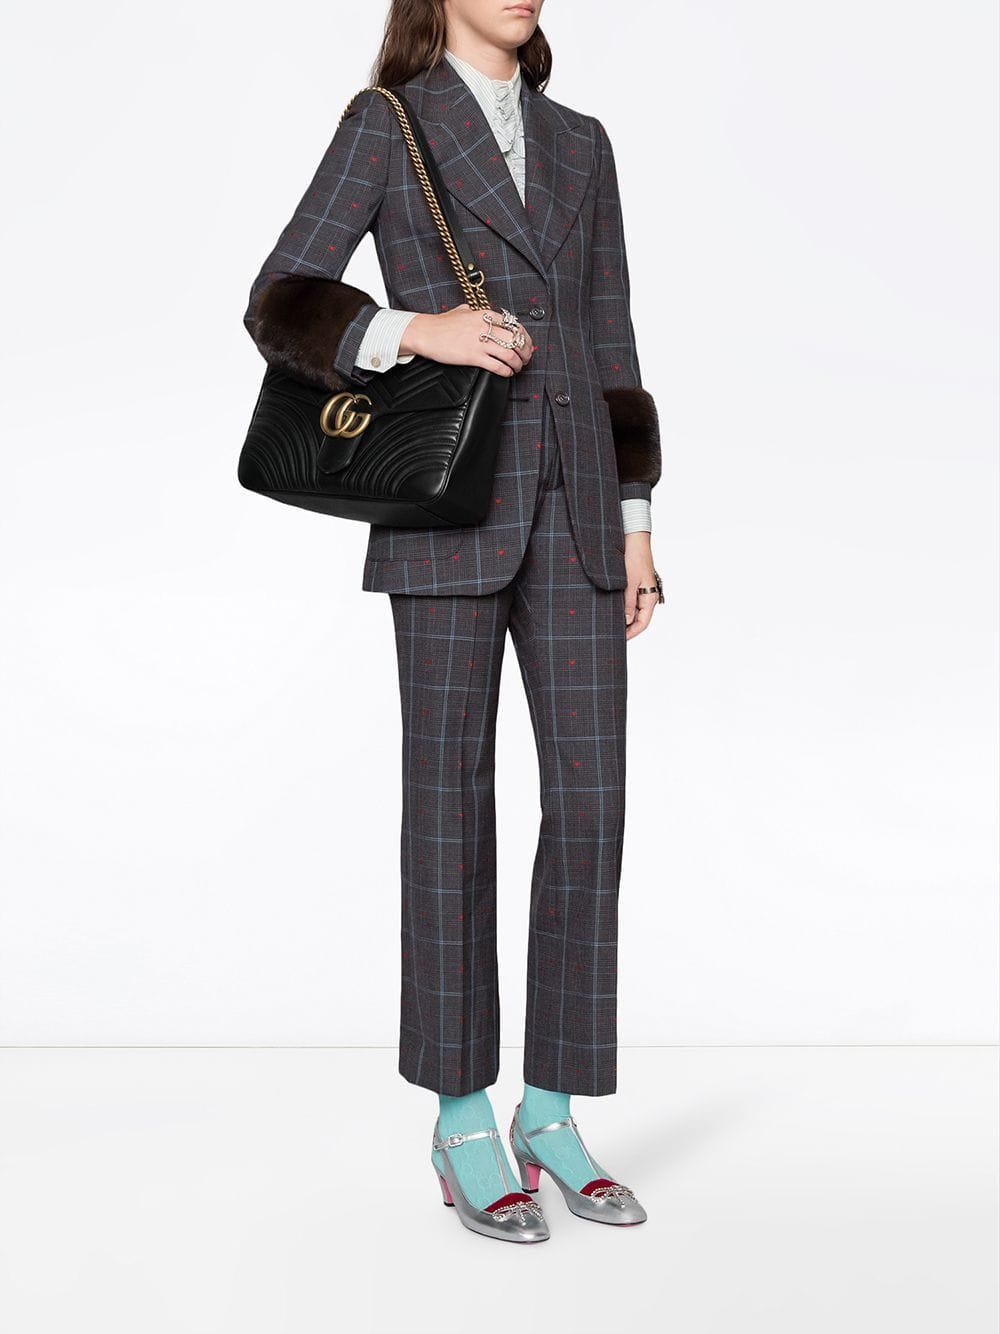 1edcf7a603af Gucci GG Marmont Large Shoulder Bag in Black - Lyst